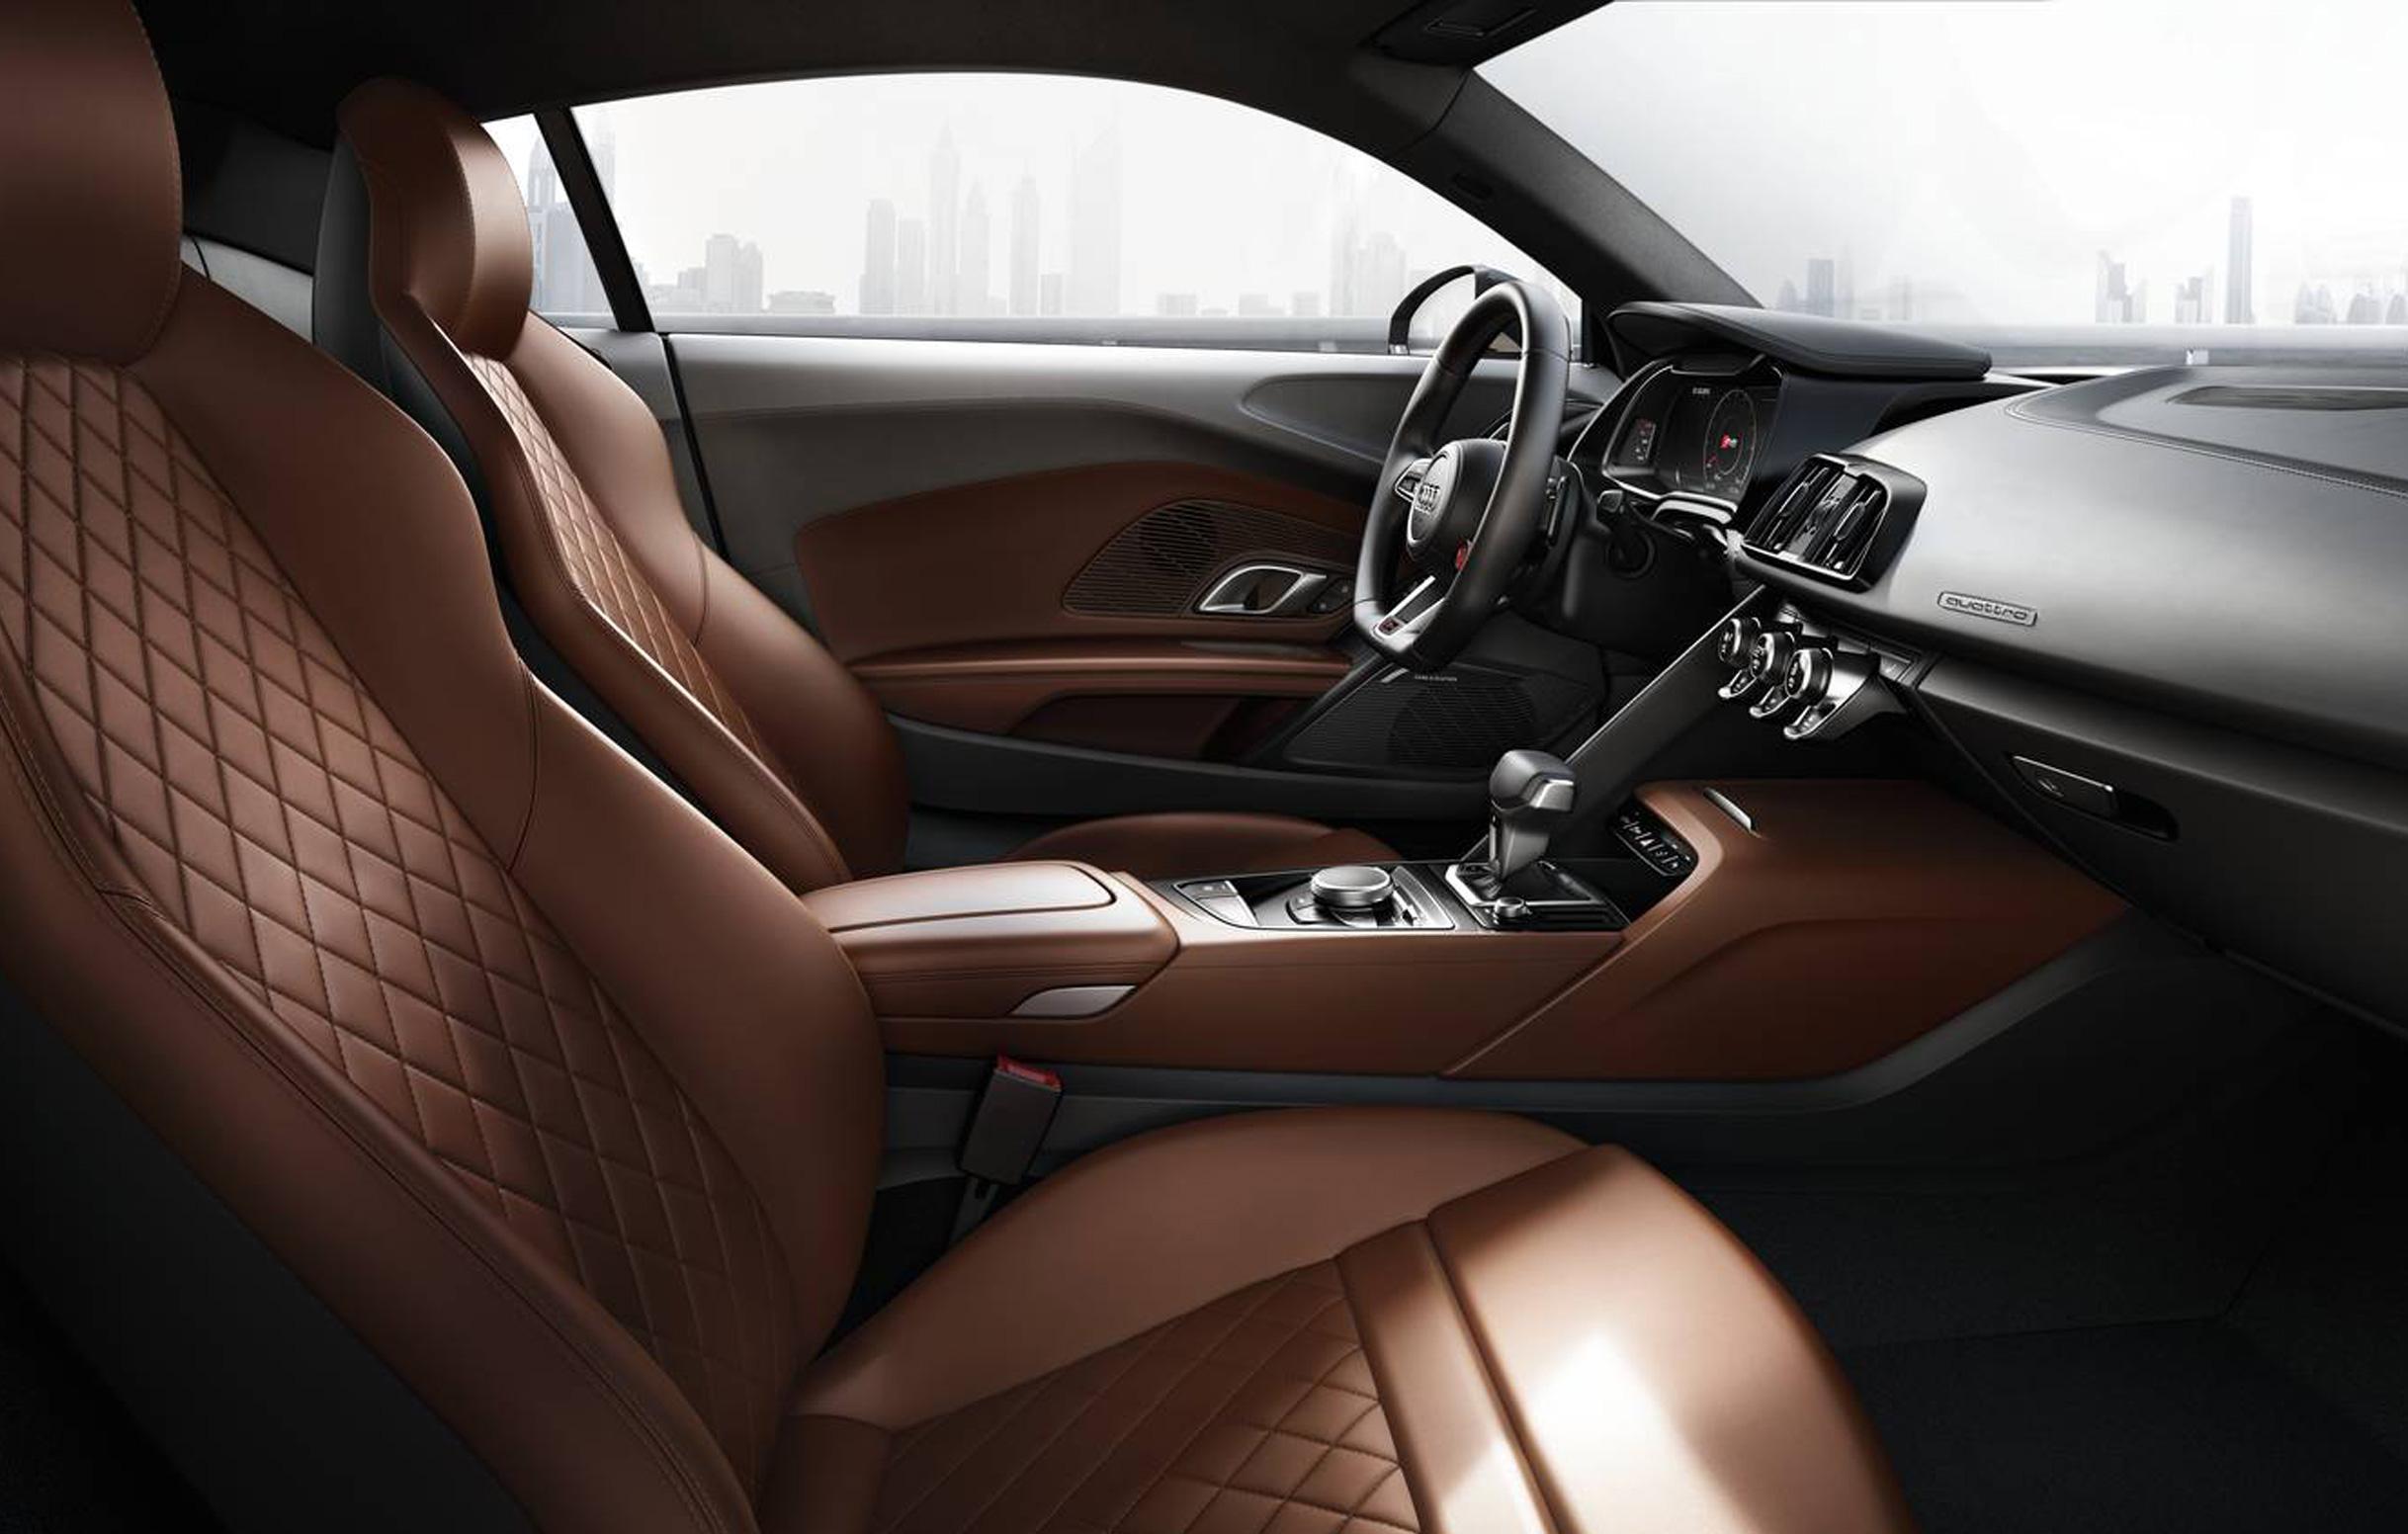 2436x1552_R8_interior.jpg